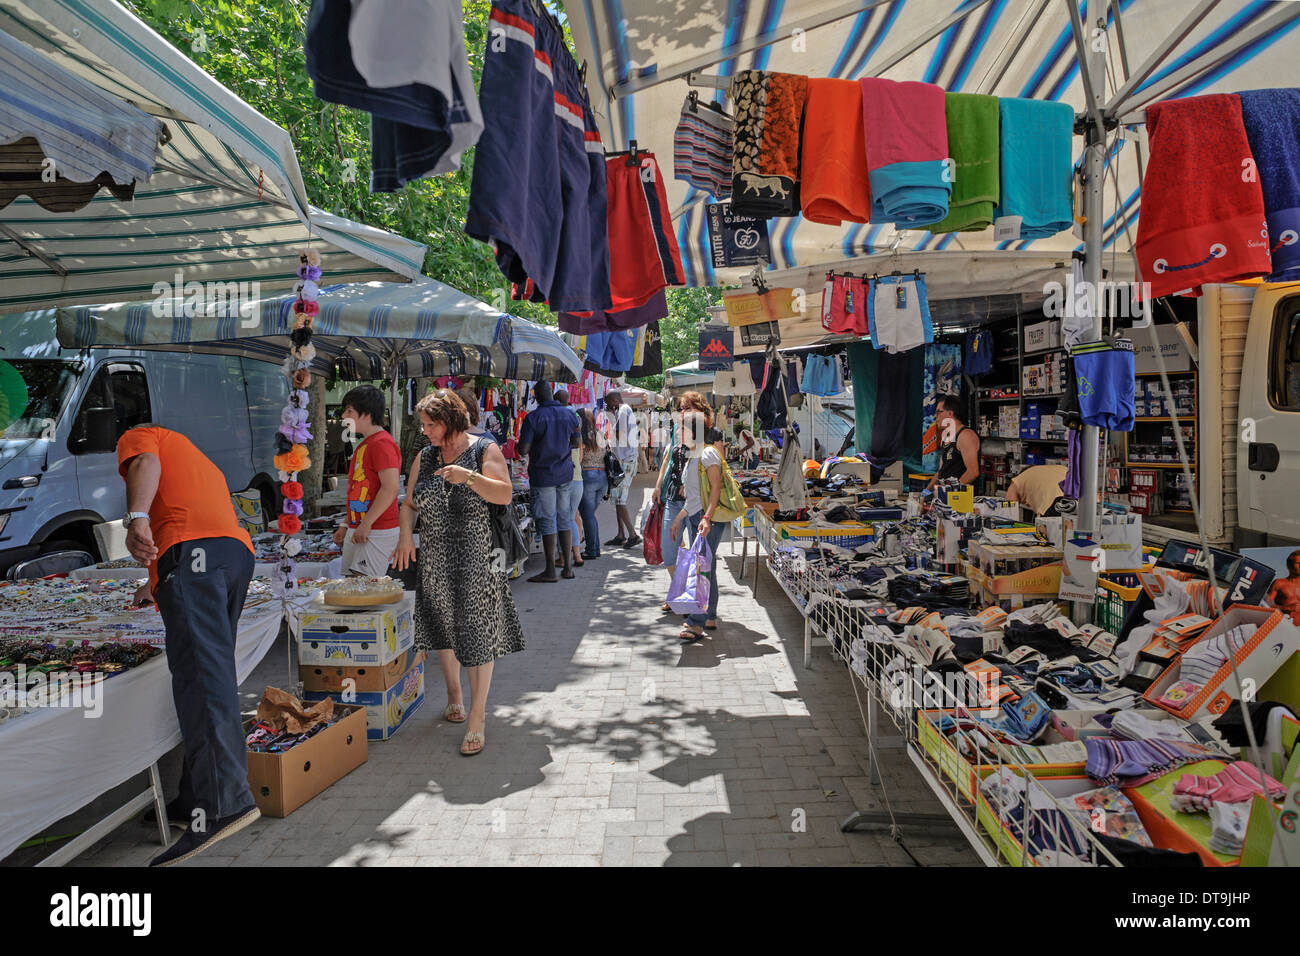 Local Market In Randazzo Near Mount Etna Catania Sicily Italy Stock Photo Alamy